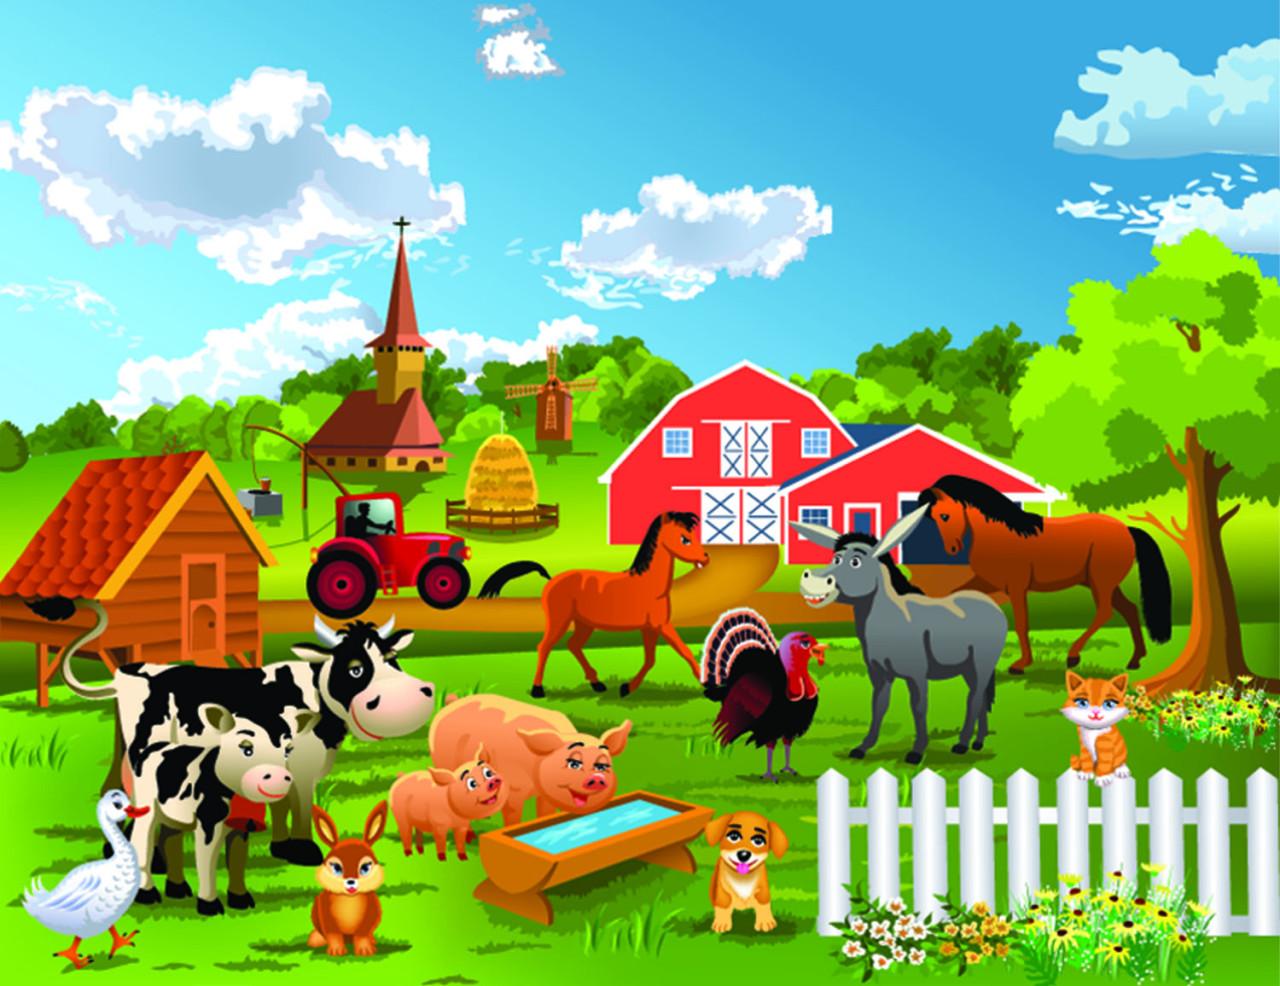 Bauernhof, Bauernhof